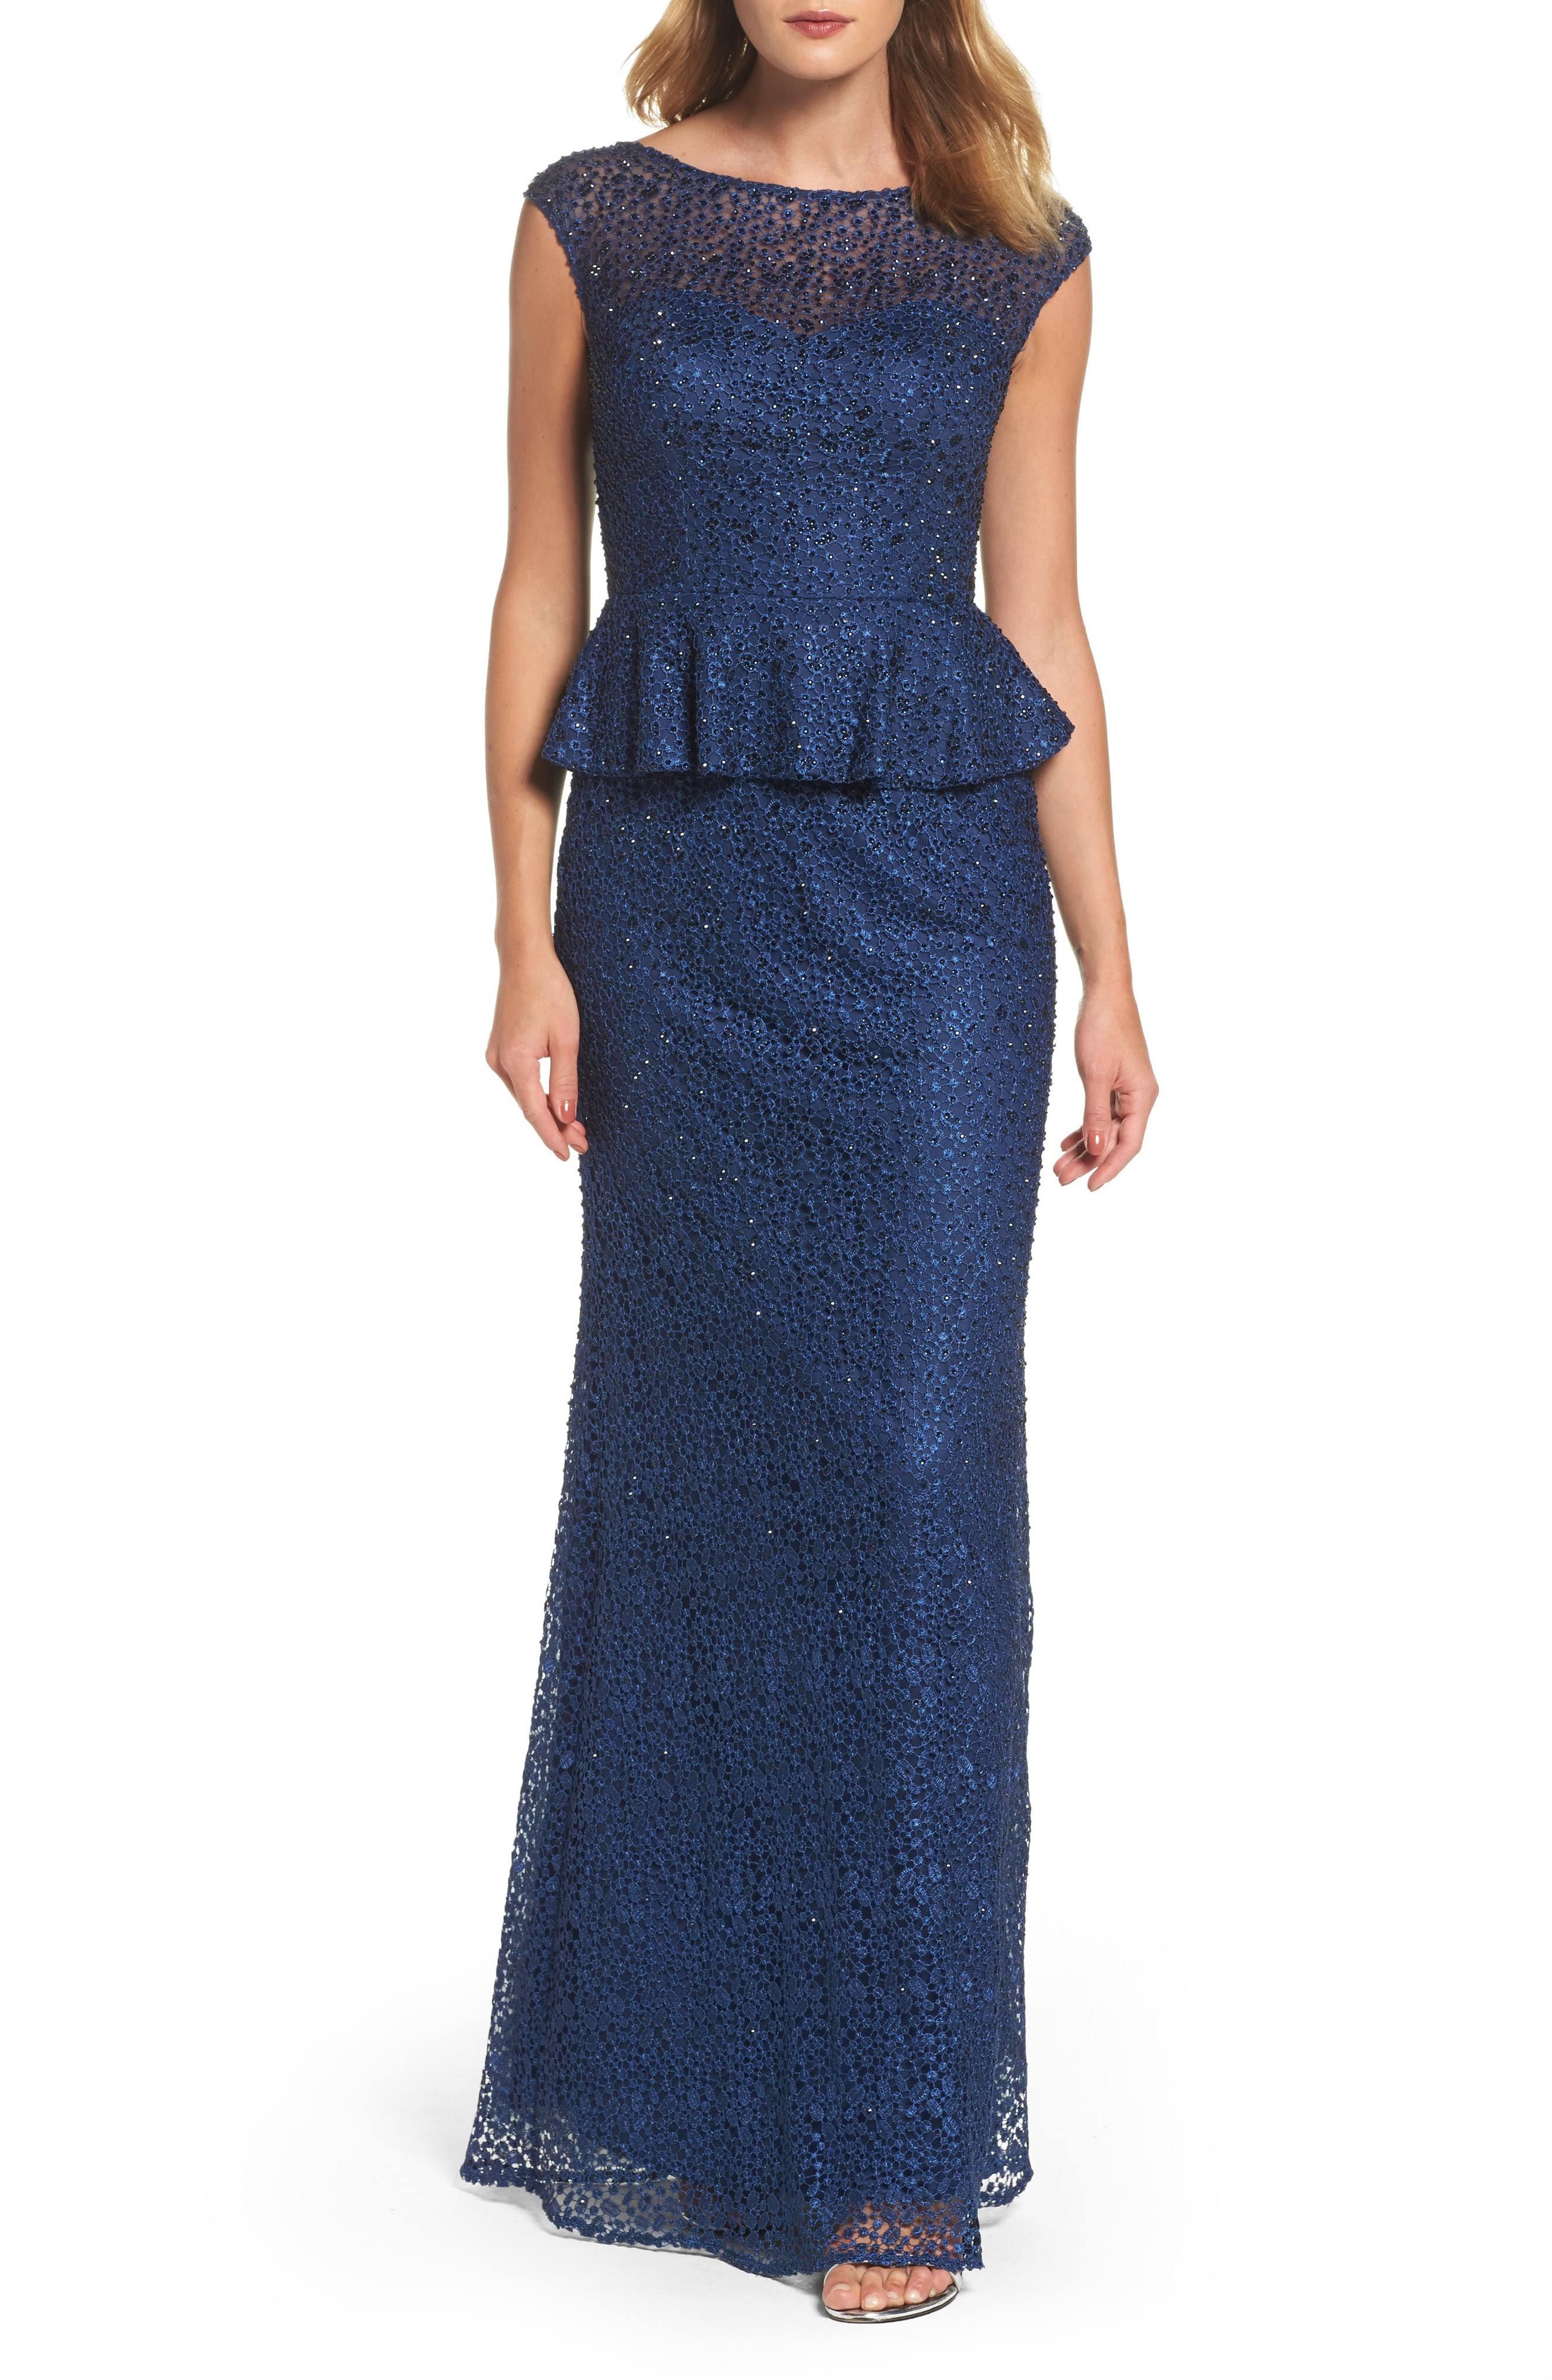 Verziert Blau 16 Femme Kleid La Größe Frauen Spitze Schößchen wHE8pxxOq